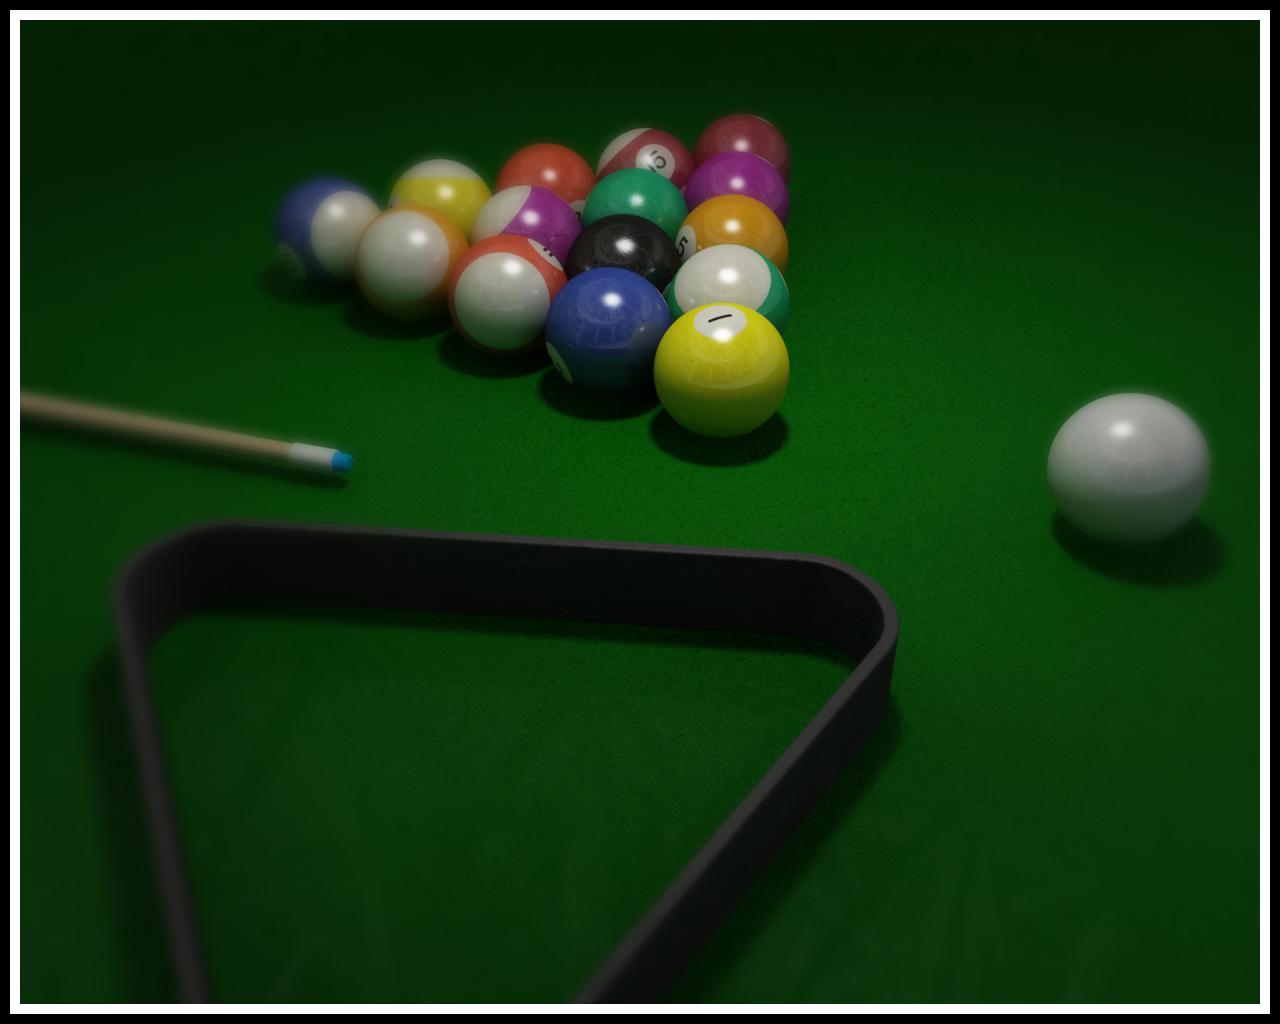 Billiards Wallpaper 3 1280x1024